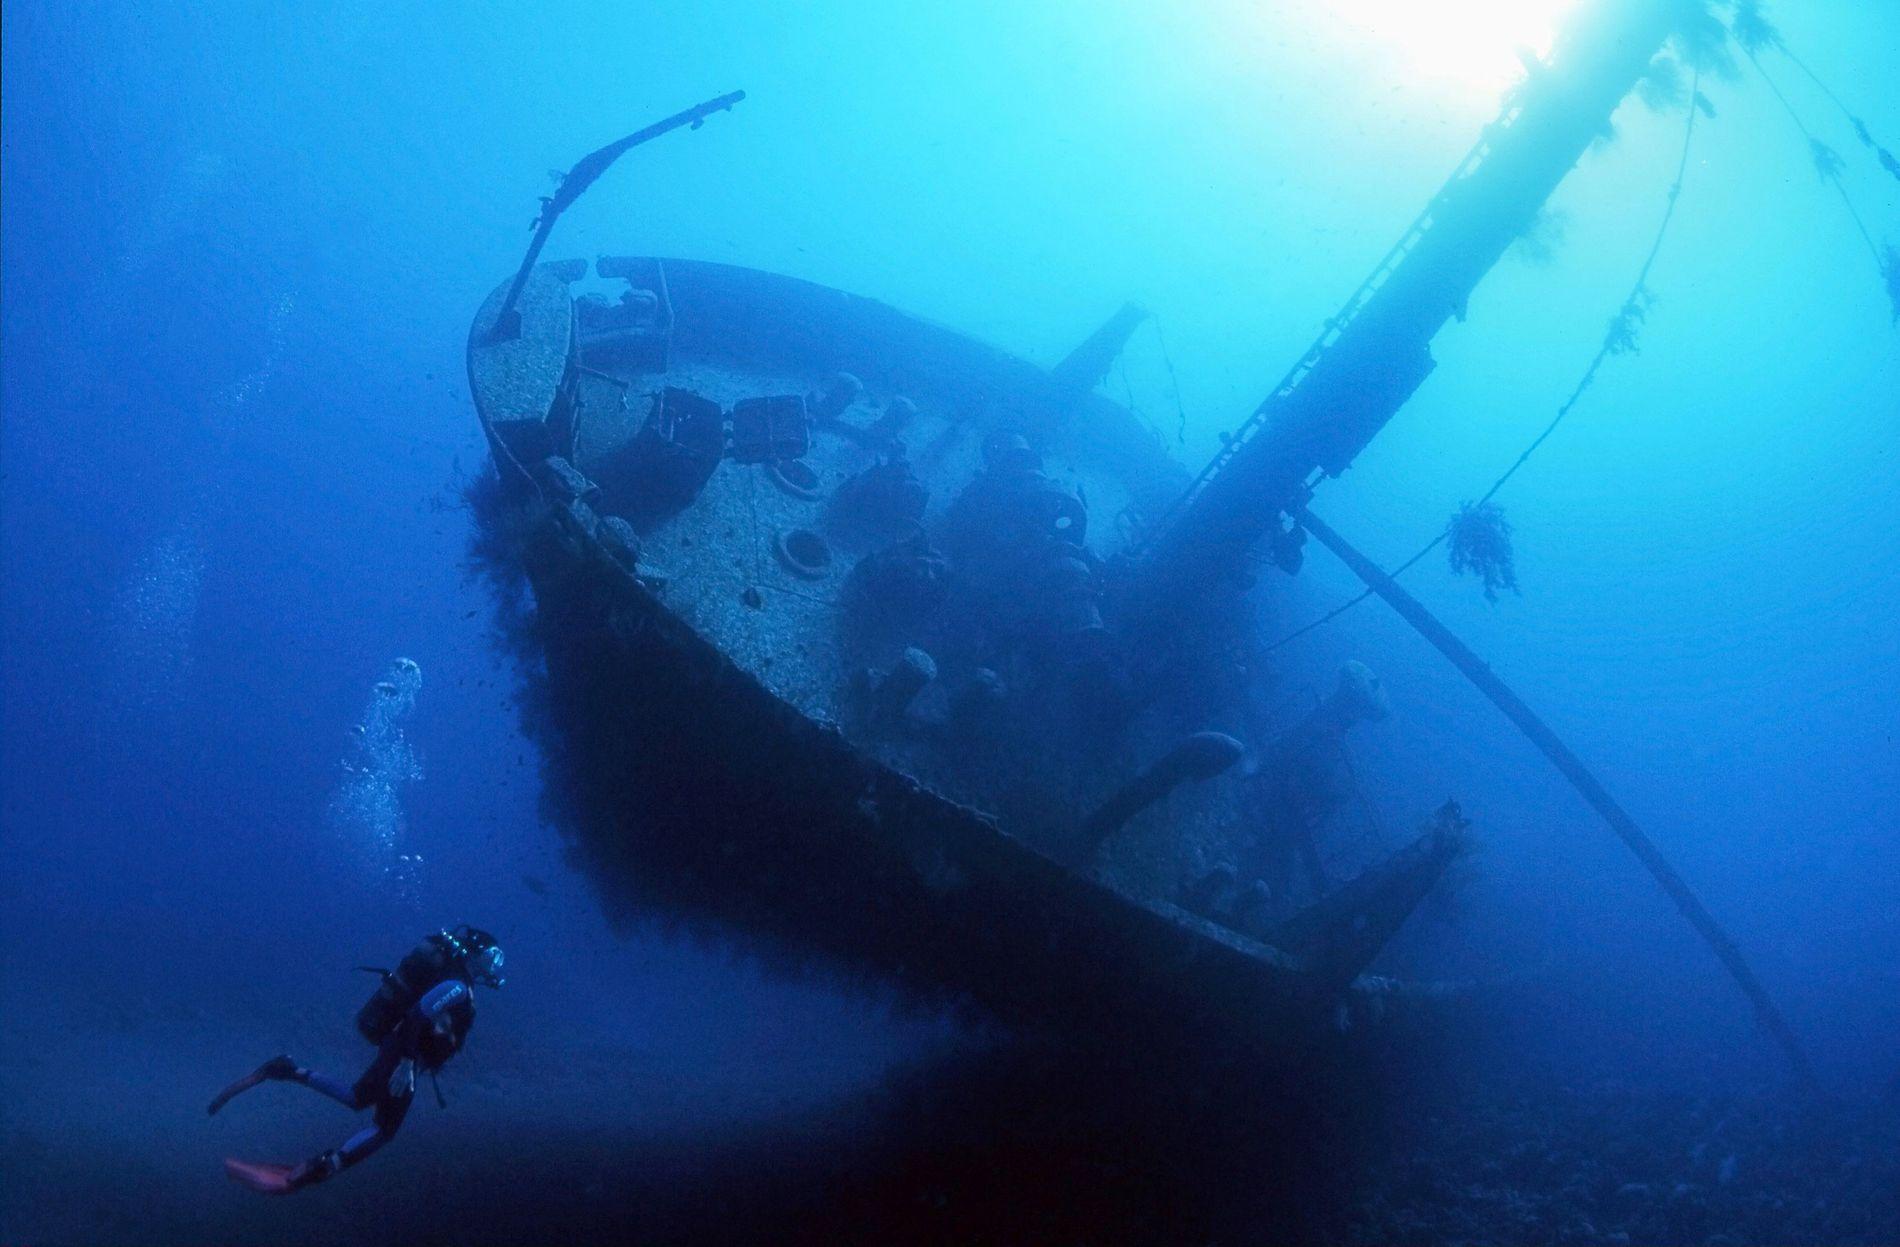 Los buceadores también pueden explorar lugares de buceo alternativos, entre ellos barcos y un avión Hercules ...